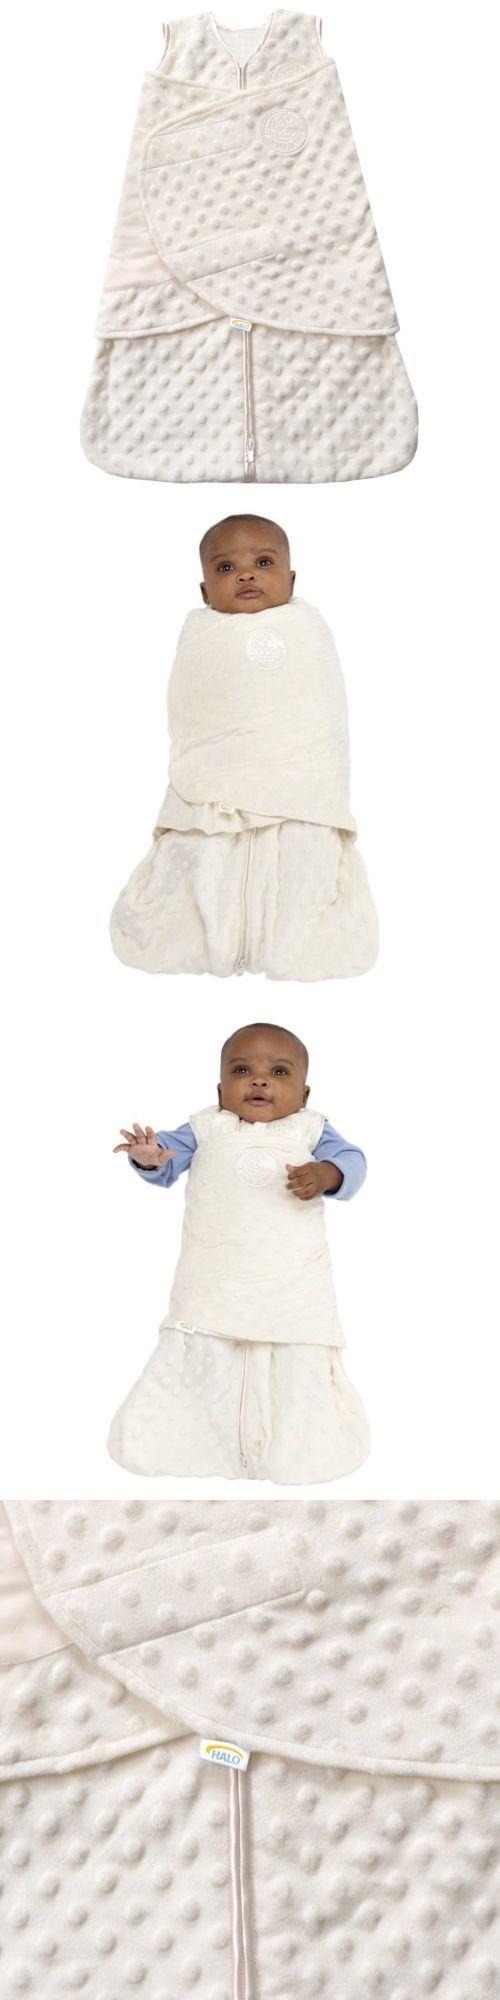 One-Pieces 163425: Halo Sleepsack Plush Dot Velboa Swaddle, Cream, Newborn , New, Free Shipping -> BUY IT NOW ONLY: $33.65 on eBay!